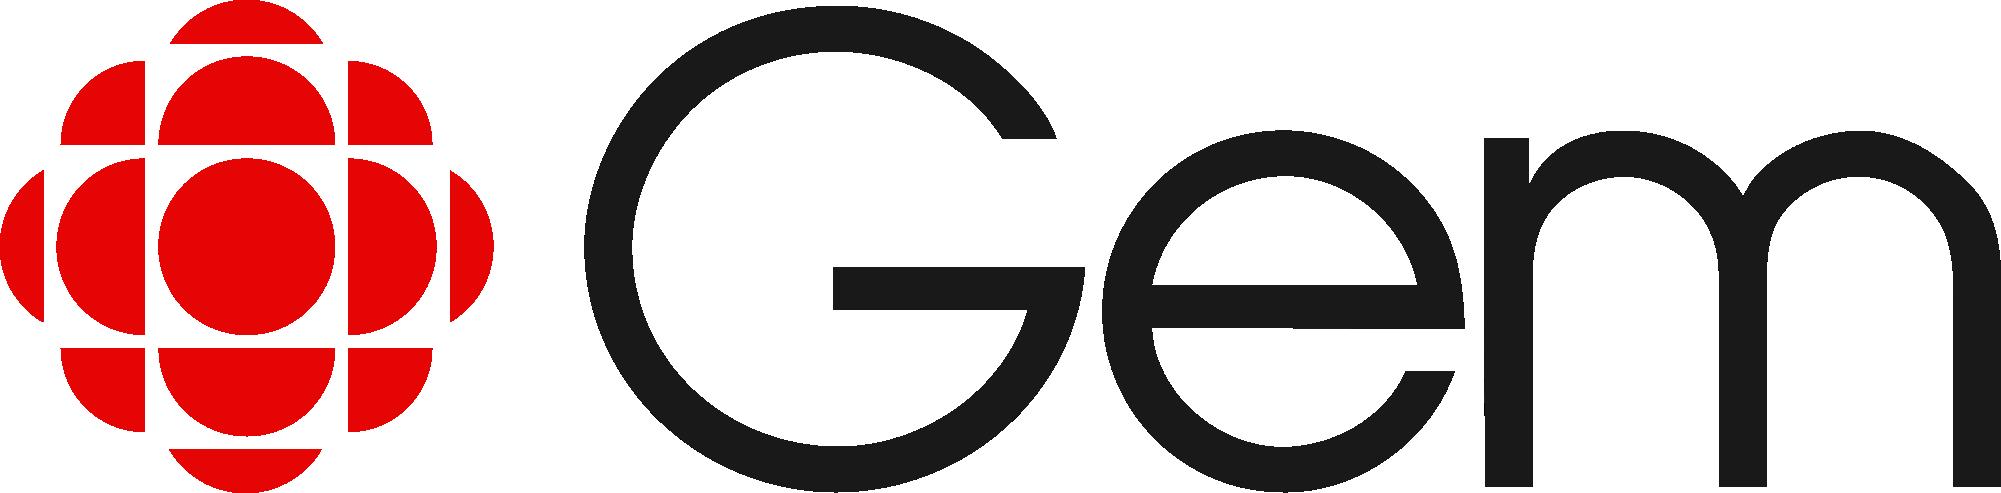 CBC Gem